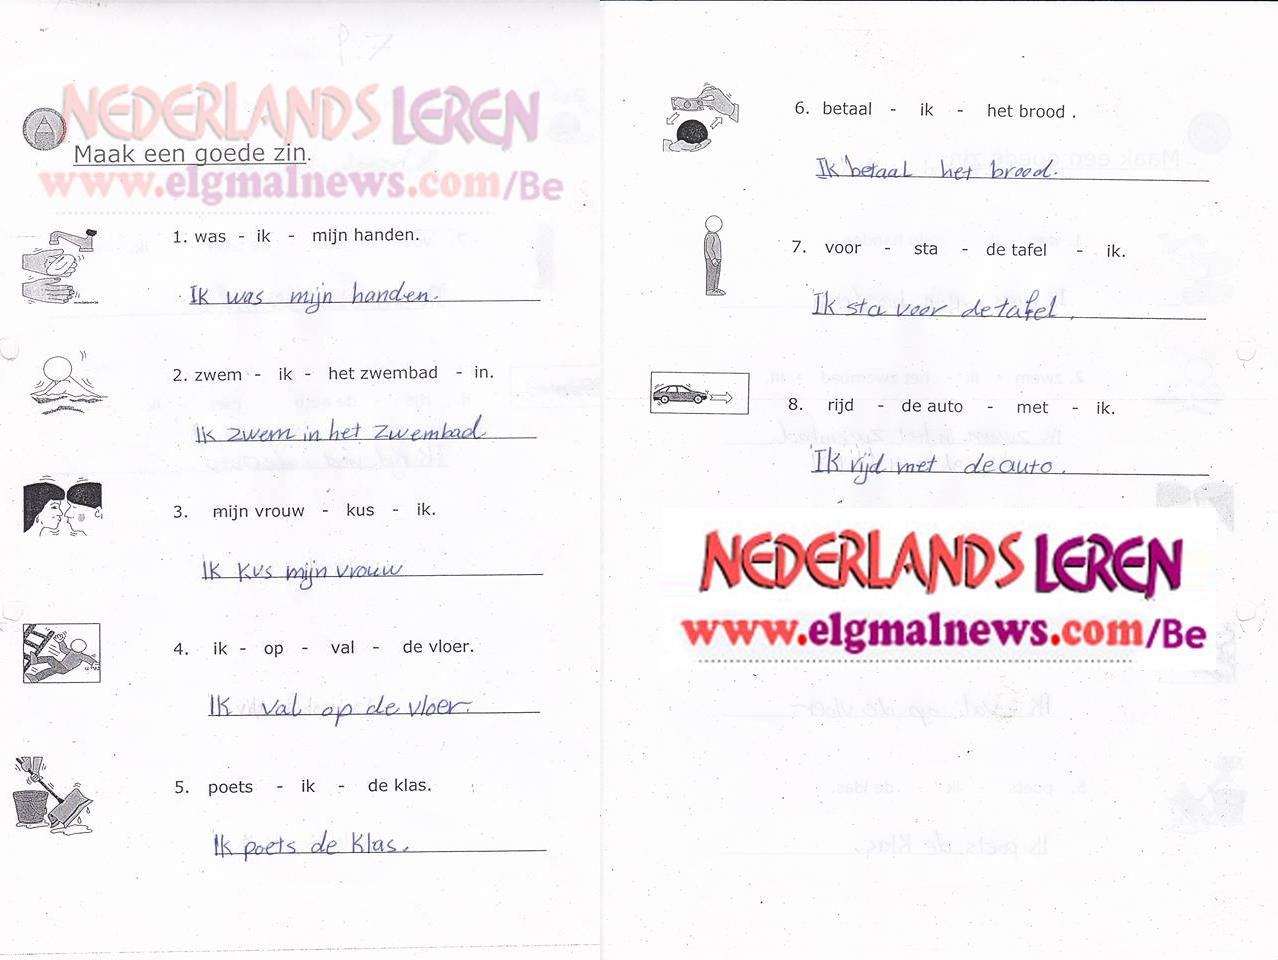 تدريب علي الجمل باللغة الهولندية - Maak een goede zin